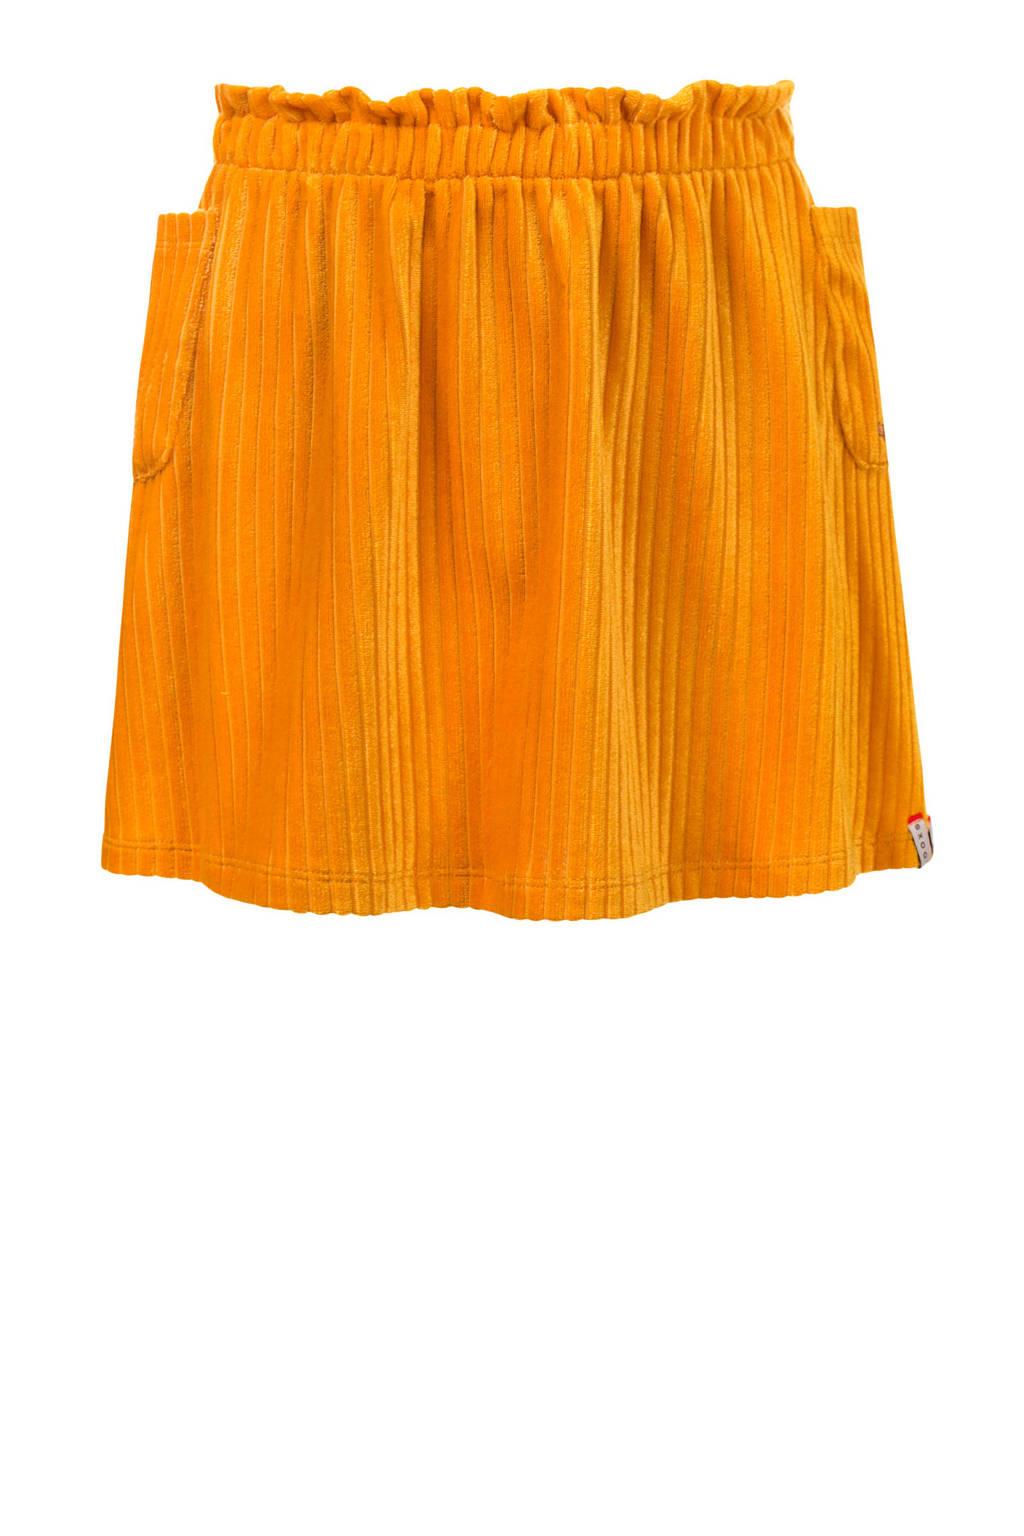 LOOXS little fluwelen rok met textuur honinggeel, Honinggeel